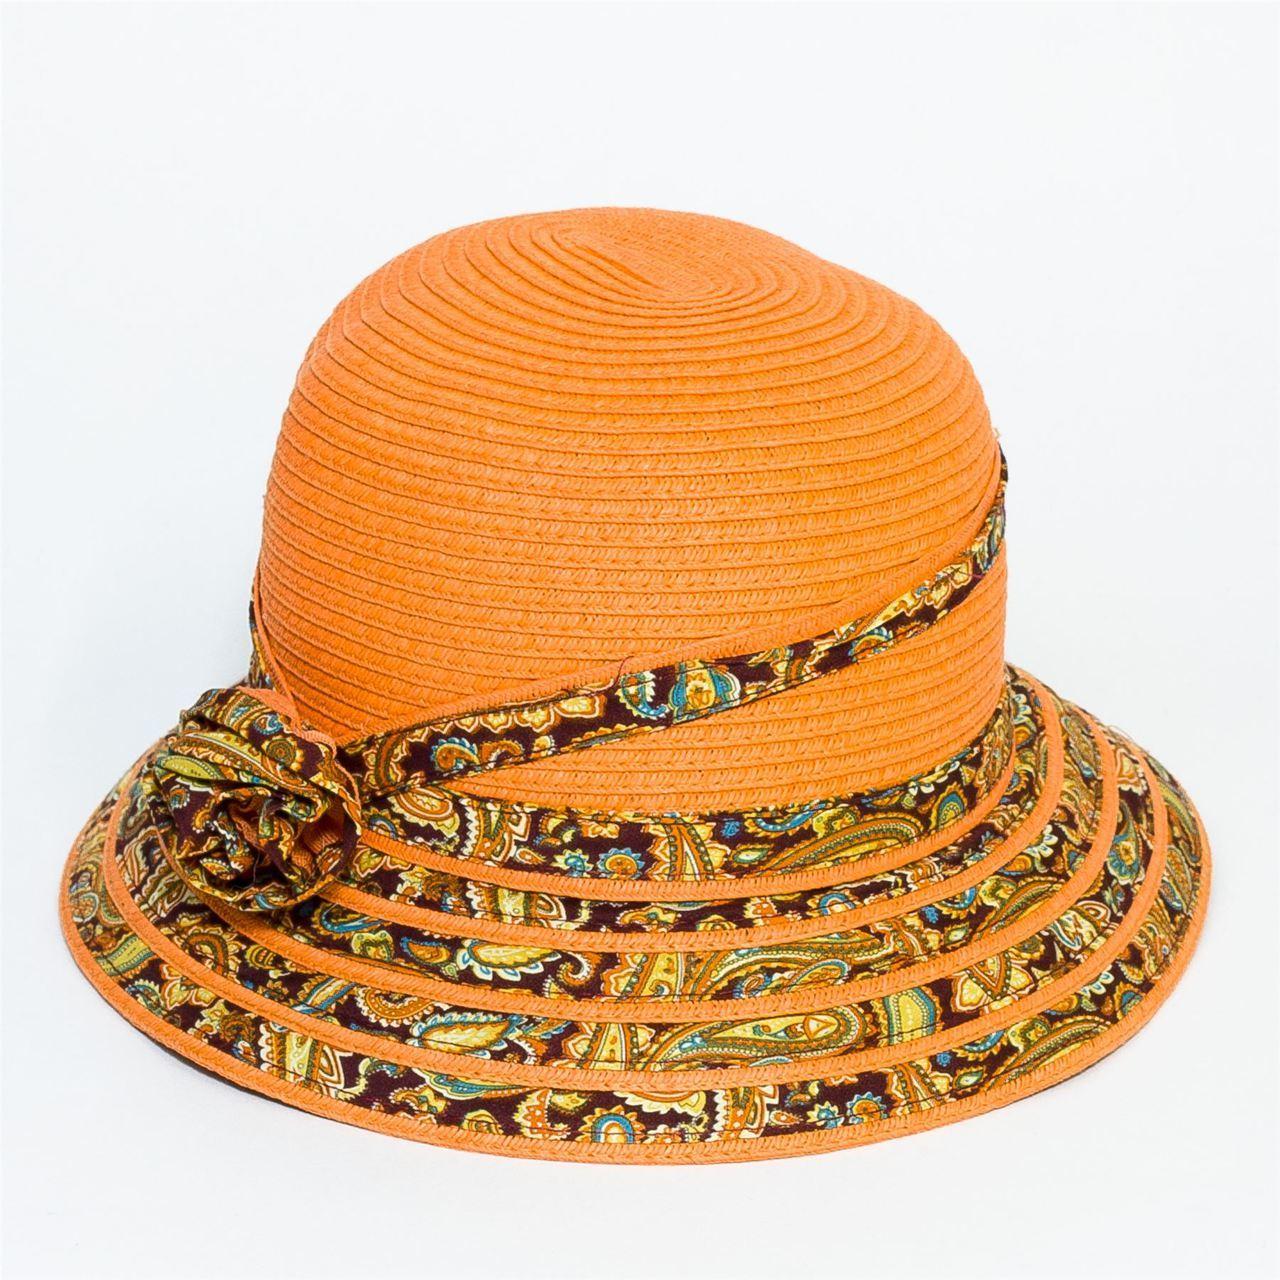 Letní klobouk barva oranžová Assante 161227